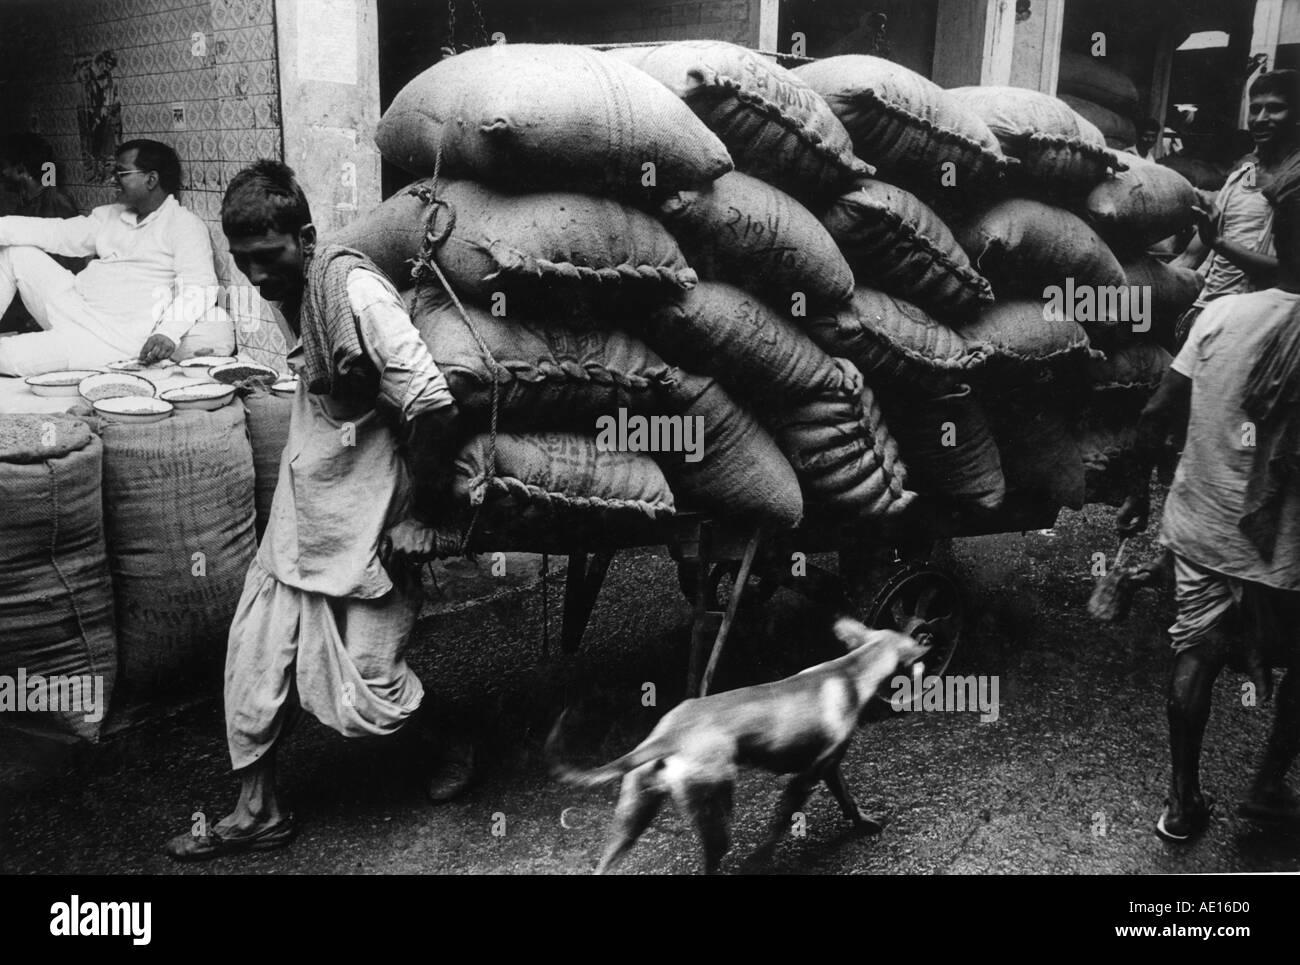 Cart puller in Sadar bazaar Delhi India - Stock Image